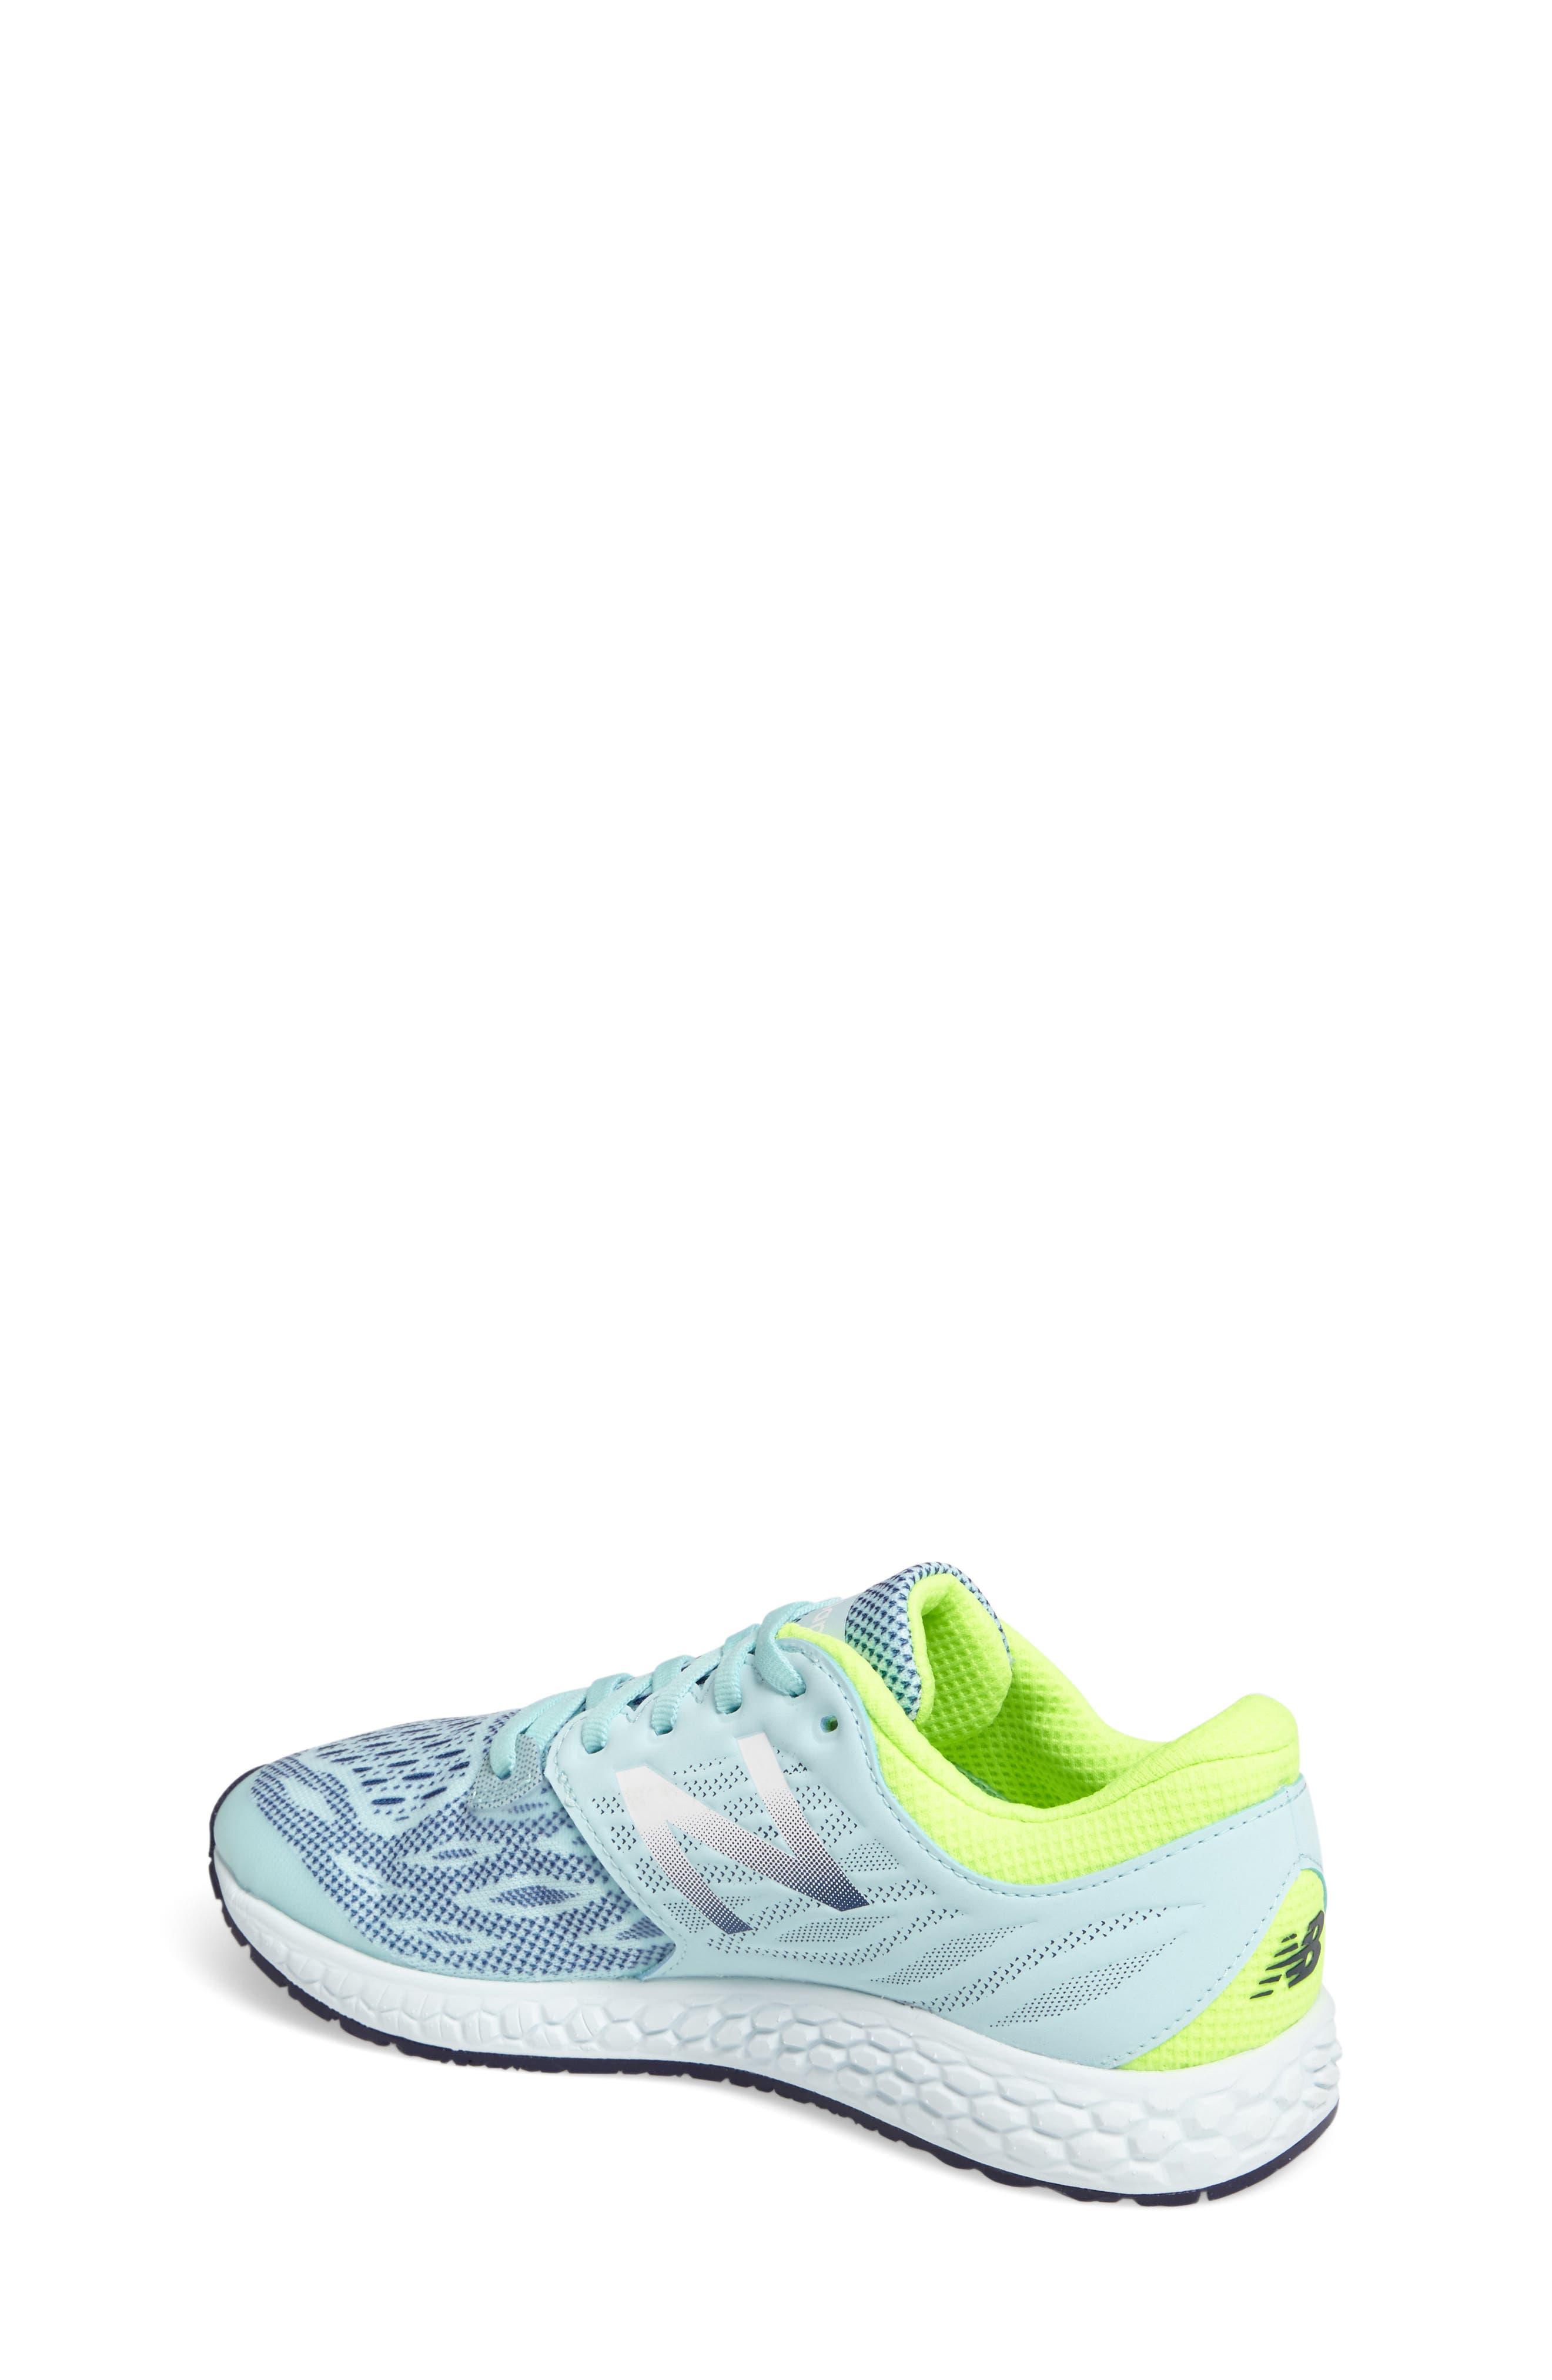 Fresh Foam Sneaker,                             Alternate thumbnail 2, color,                             445